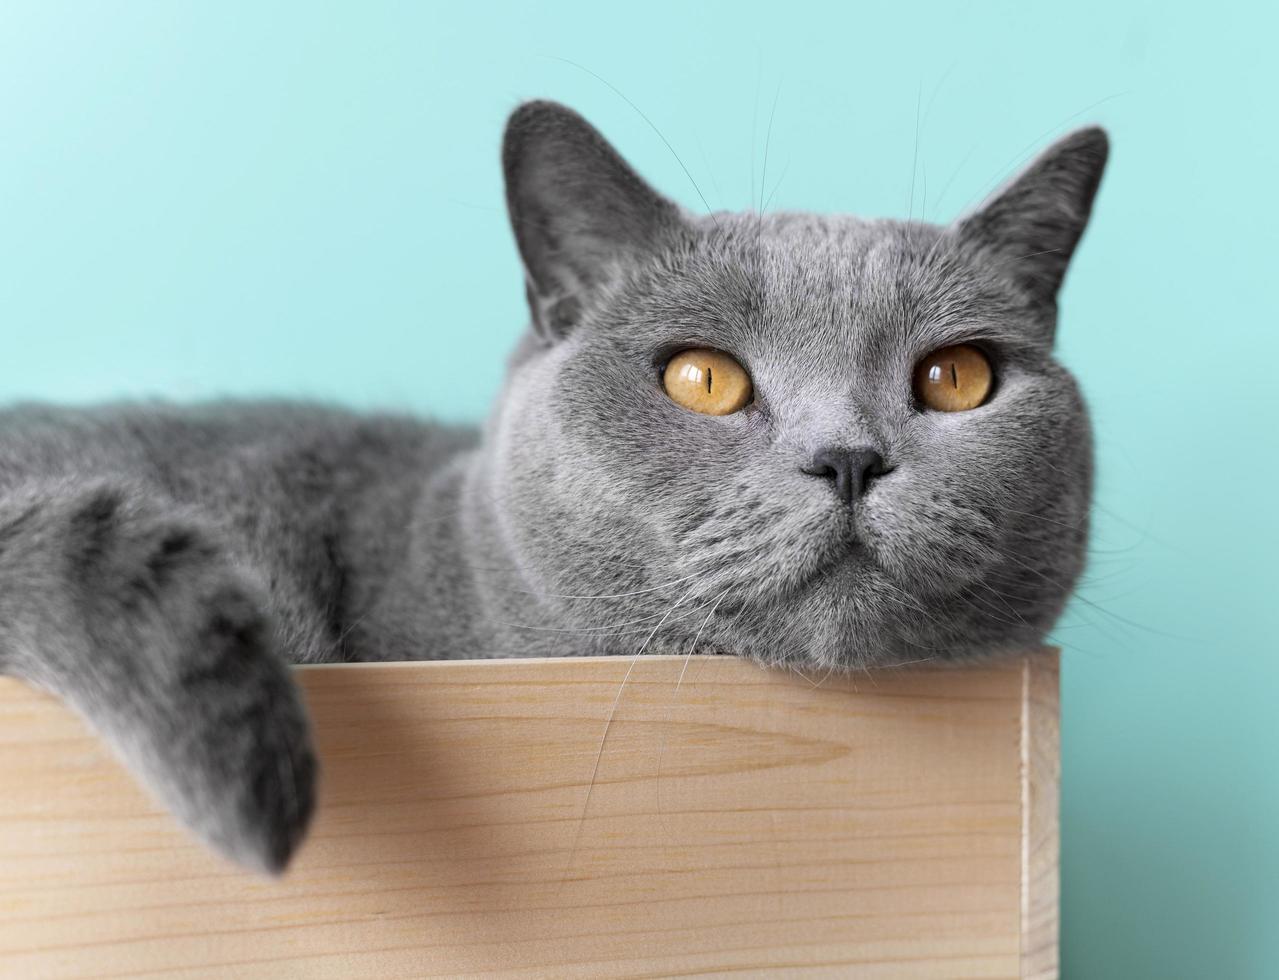 Cute grey cat lying in a crate photo